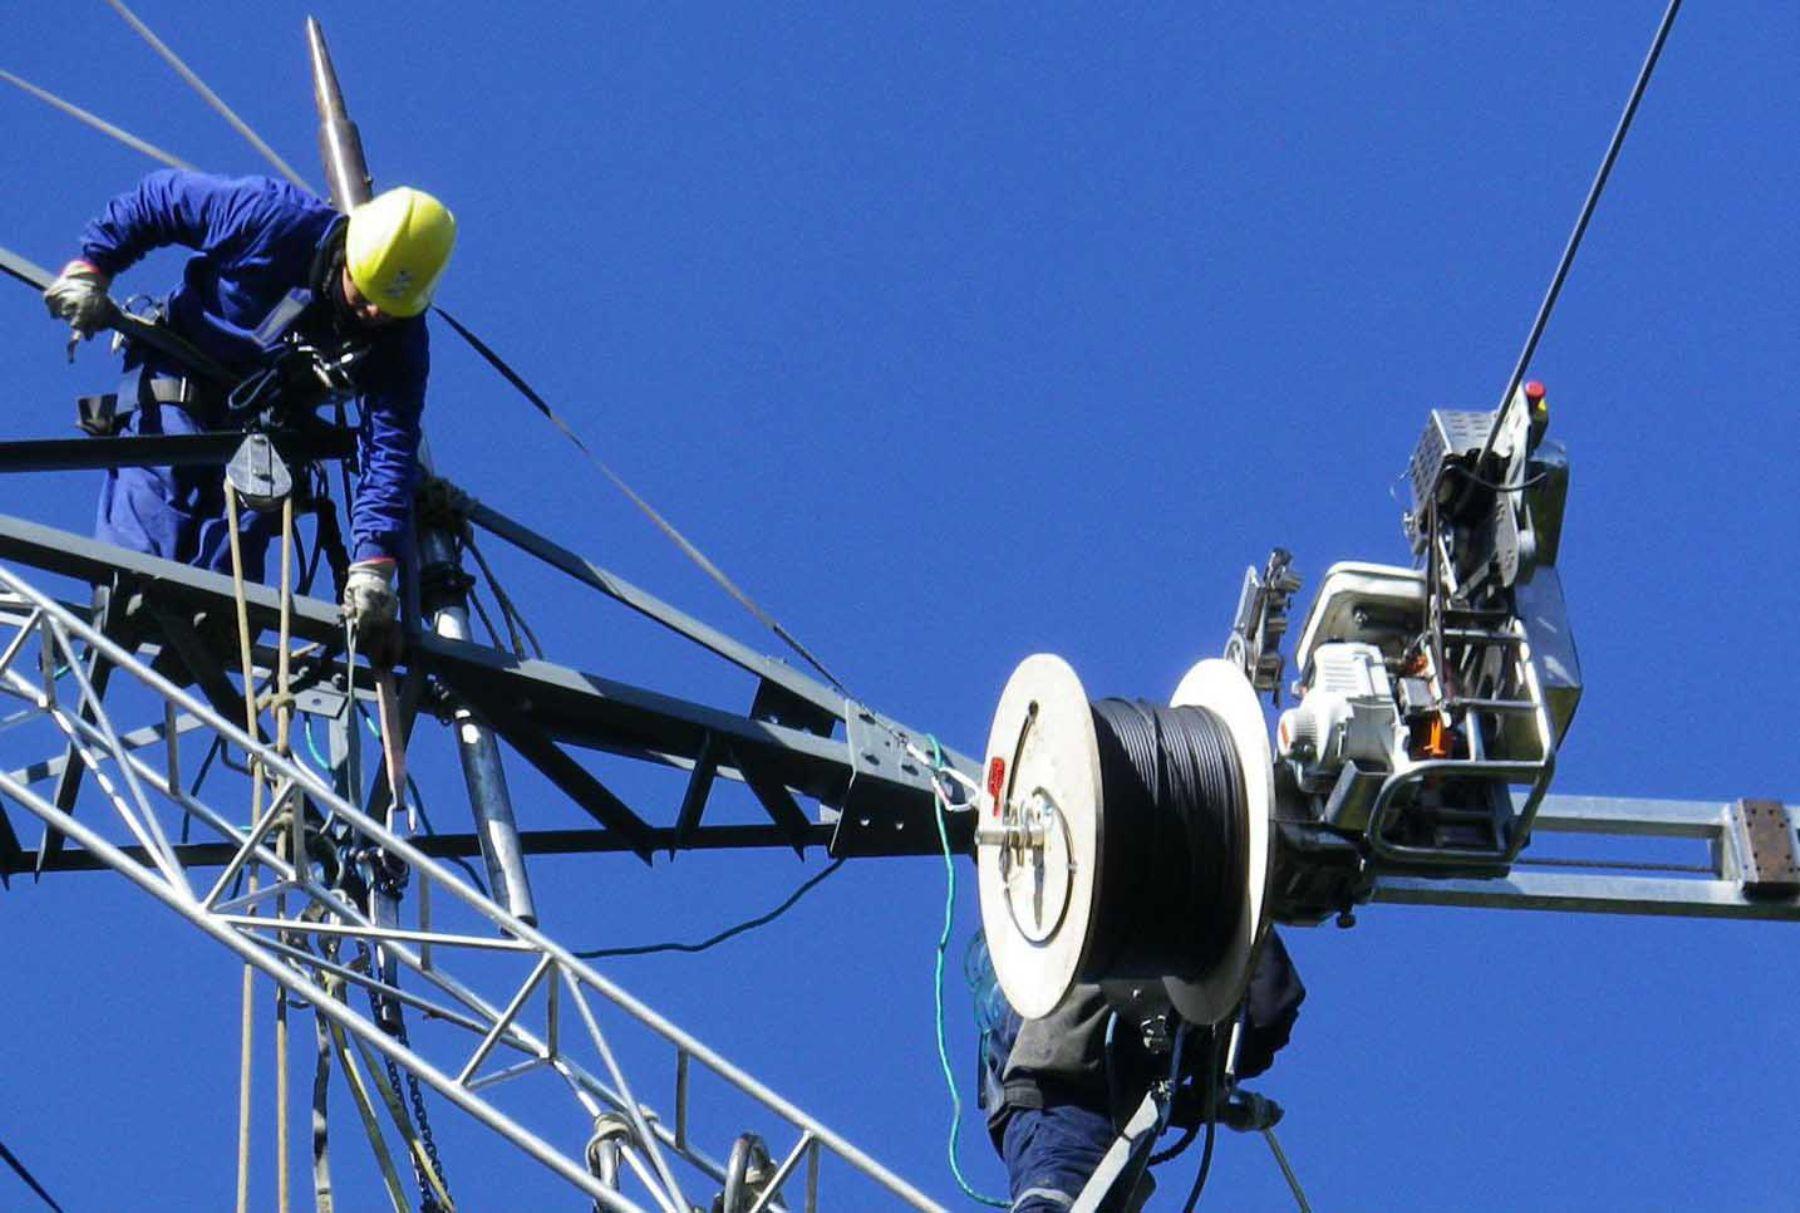 mtc-inicia-proceso-para-resolucion-de-concesion-de-la-red-dorsal-nacional-de-fibra-optica